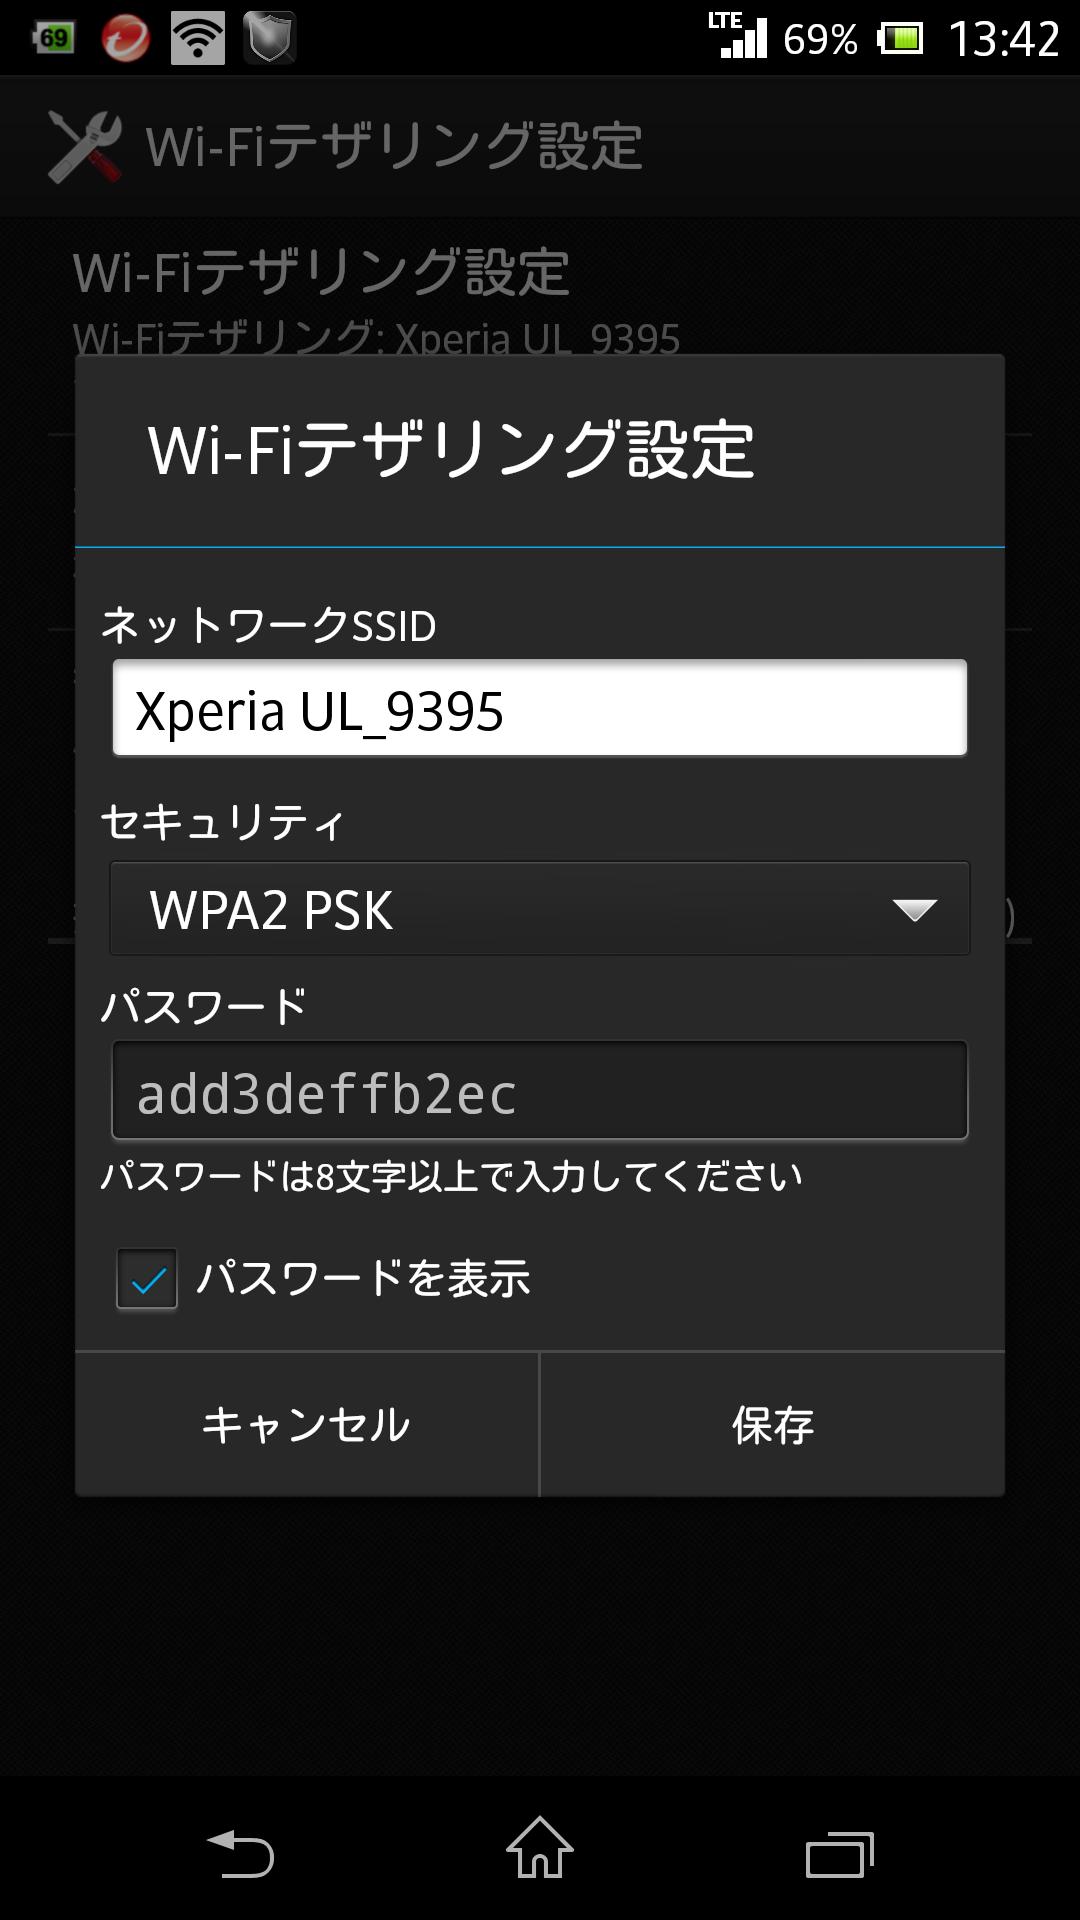 ネットワークSSID